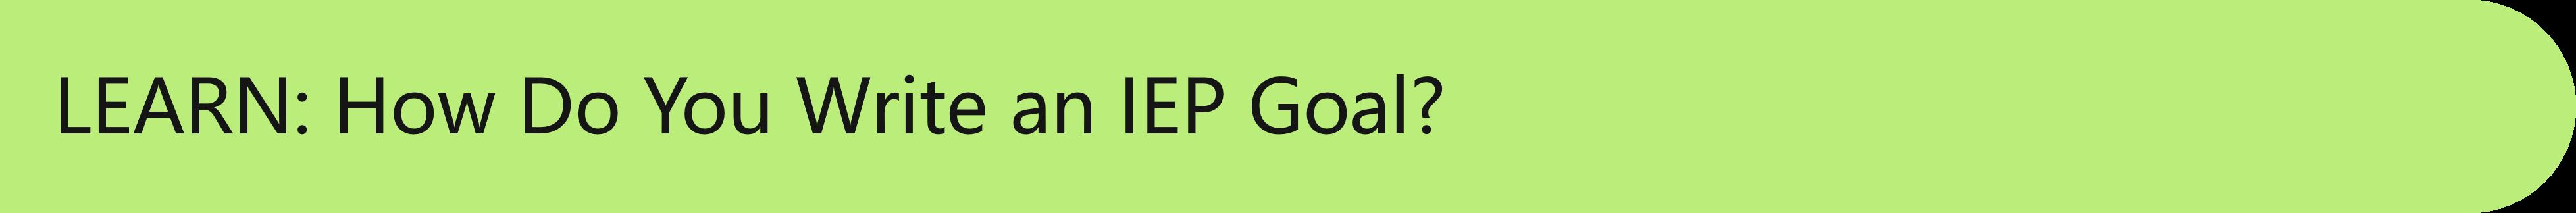 LEARN: How Do You Write an IEP Goal?